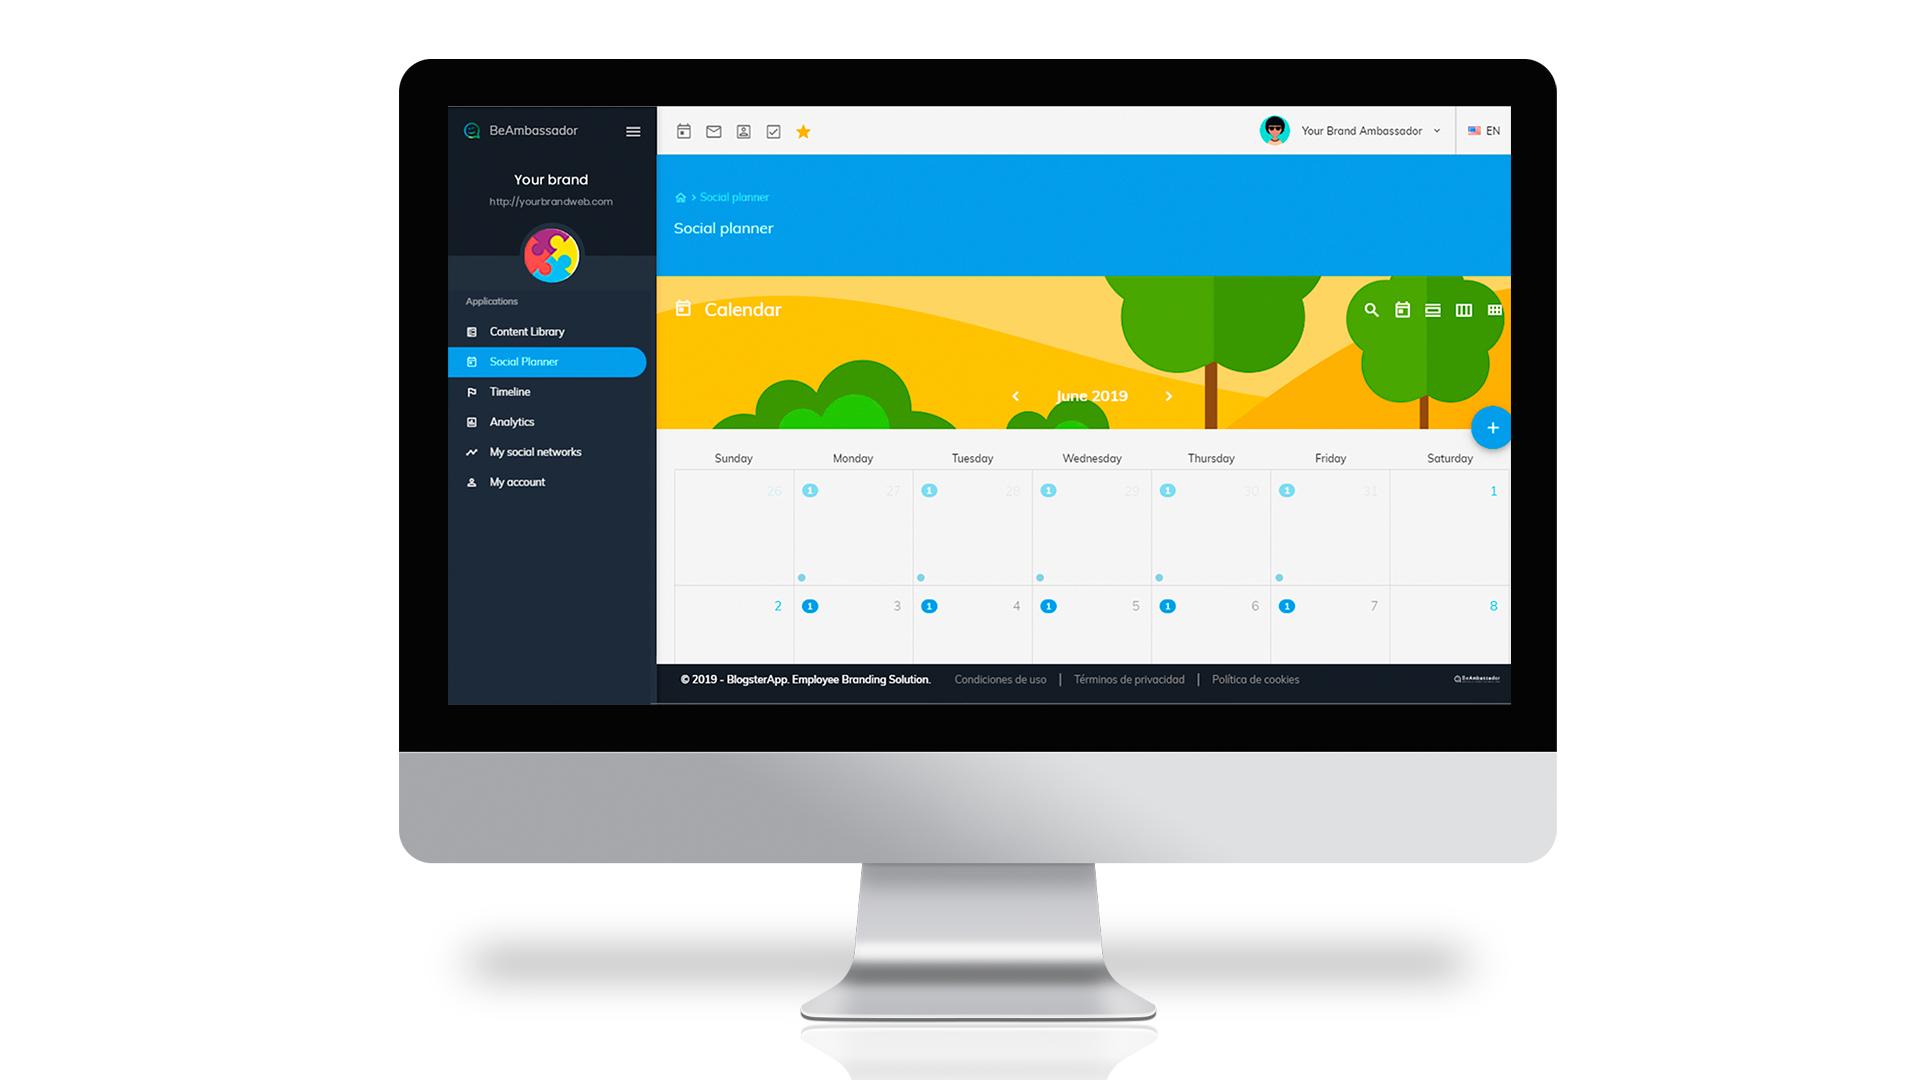 BeAmbassador social planner screenshot